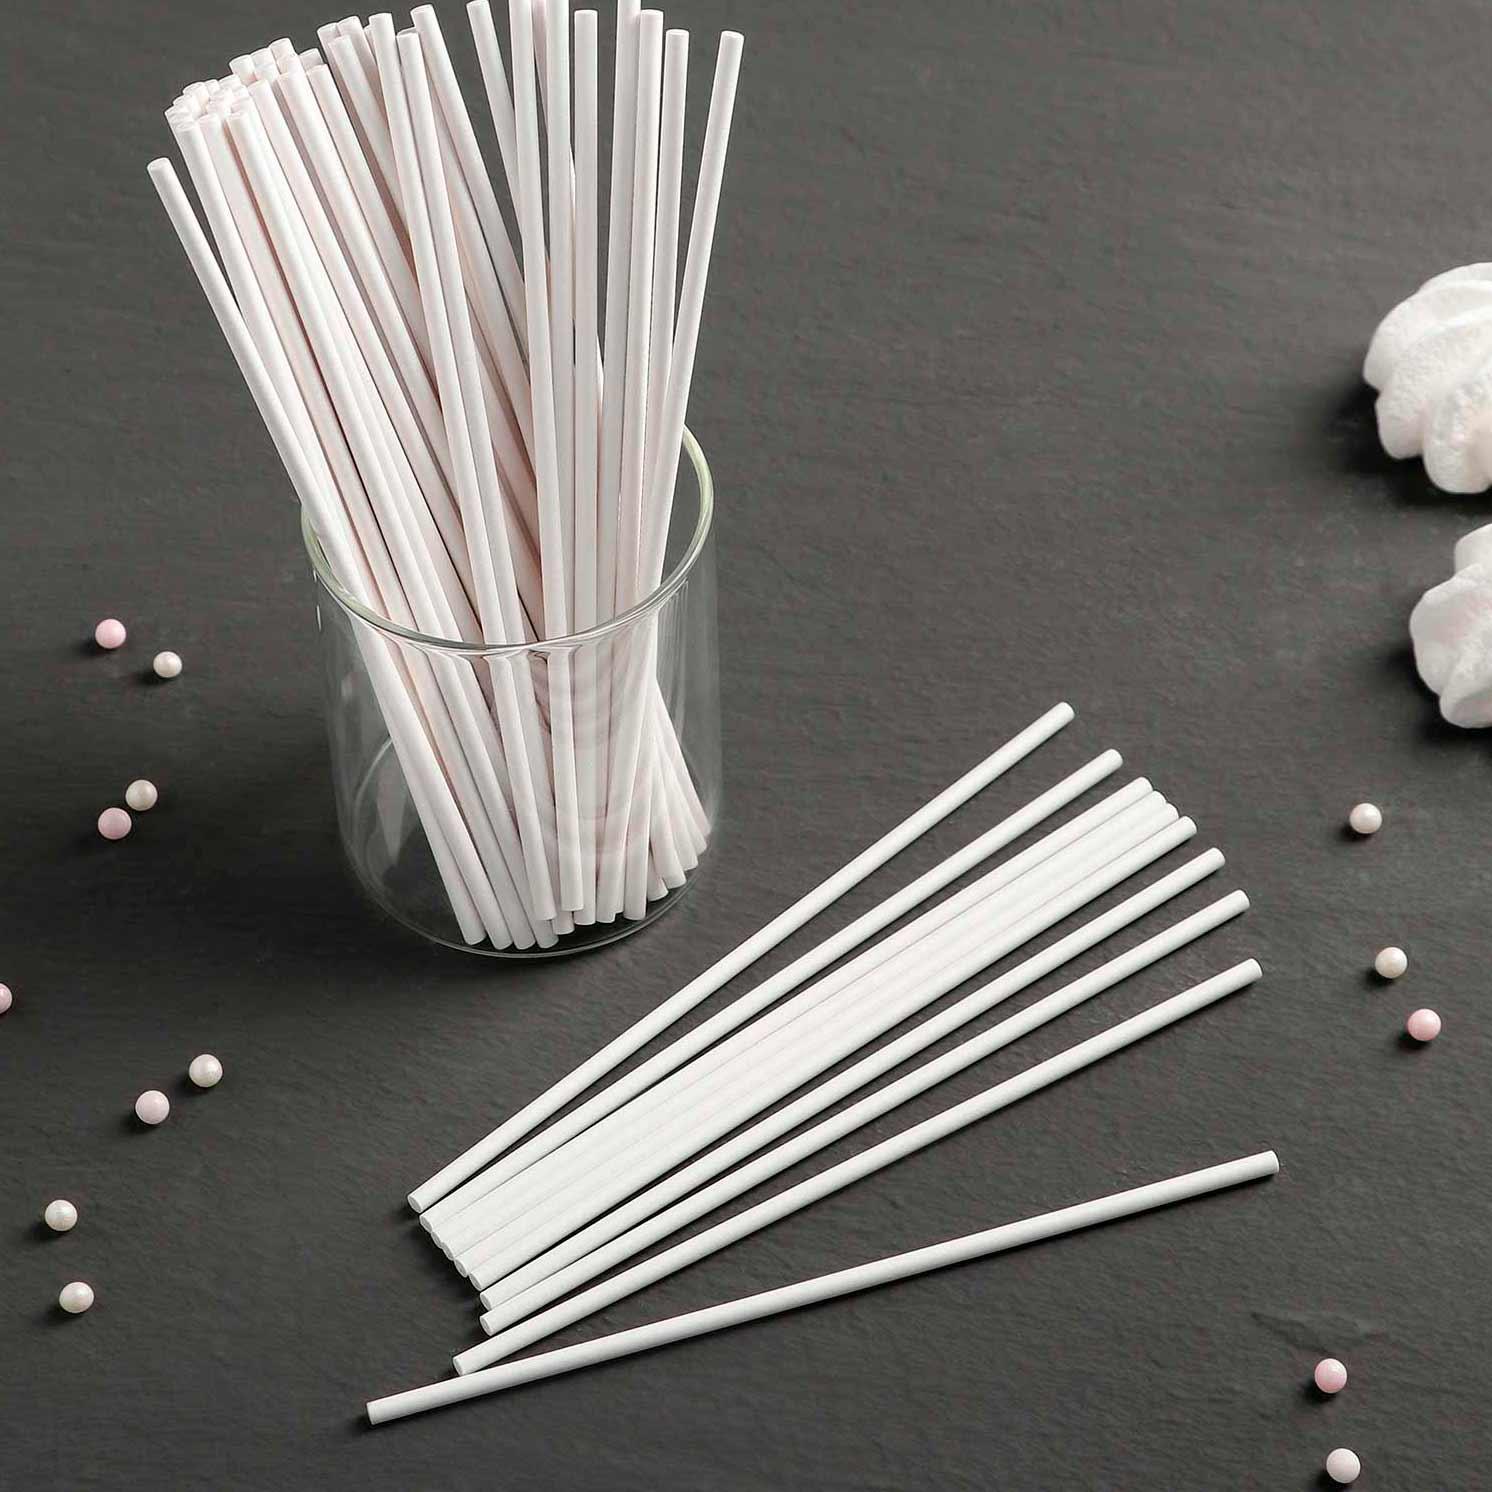 Набор палочек-дюбелей для кондитерских изделий, длина 15 см, 50 шт